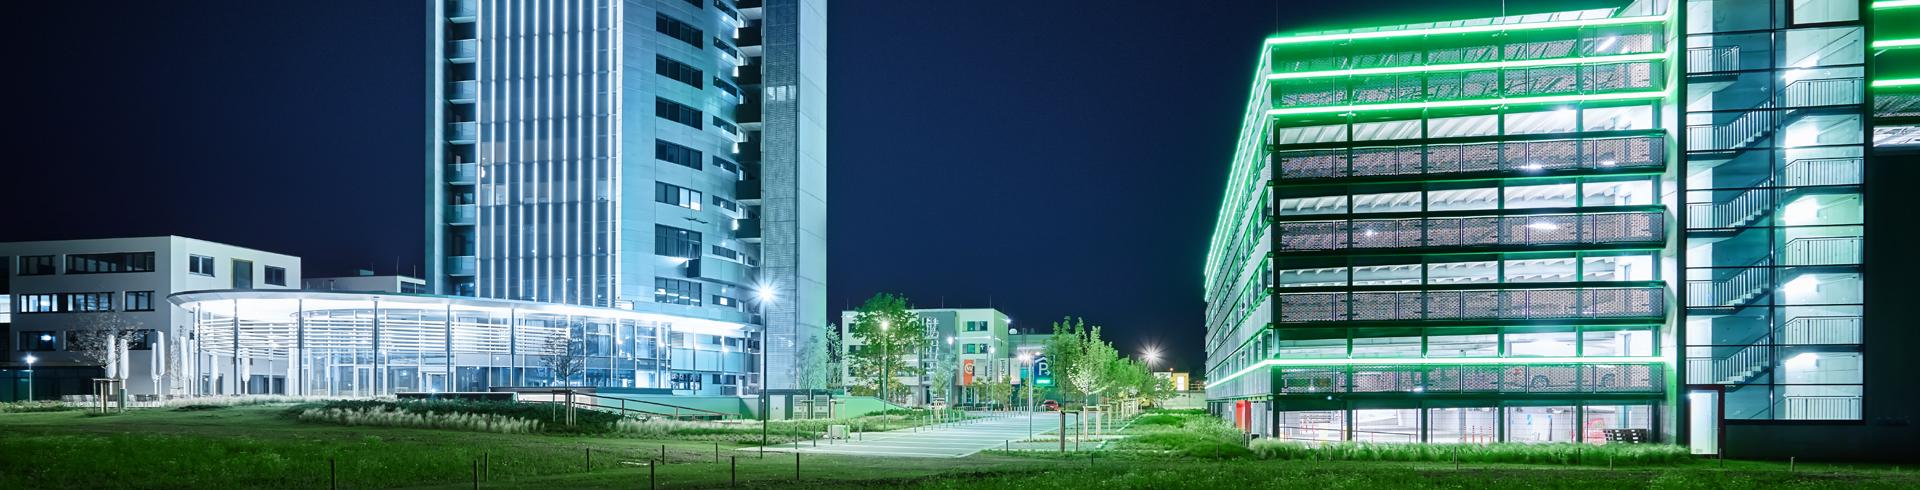 Zukunftspark Wohlgelegen Nachtaufnahme